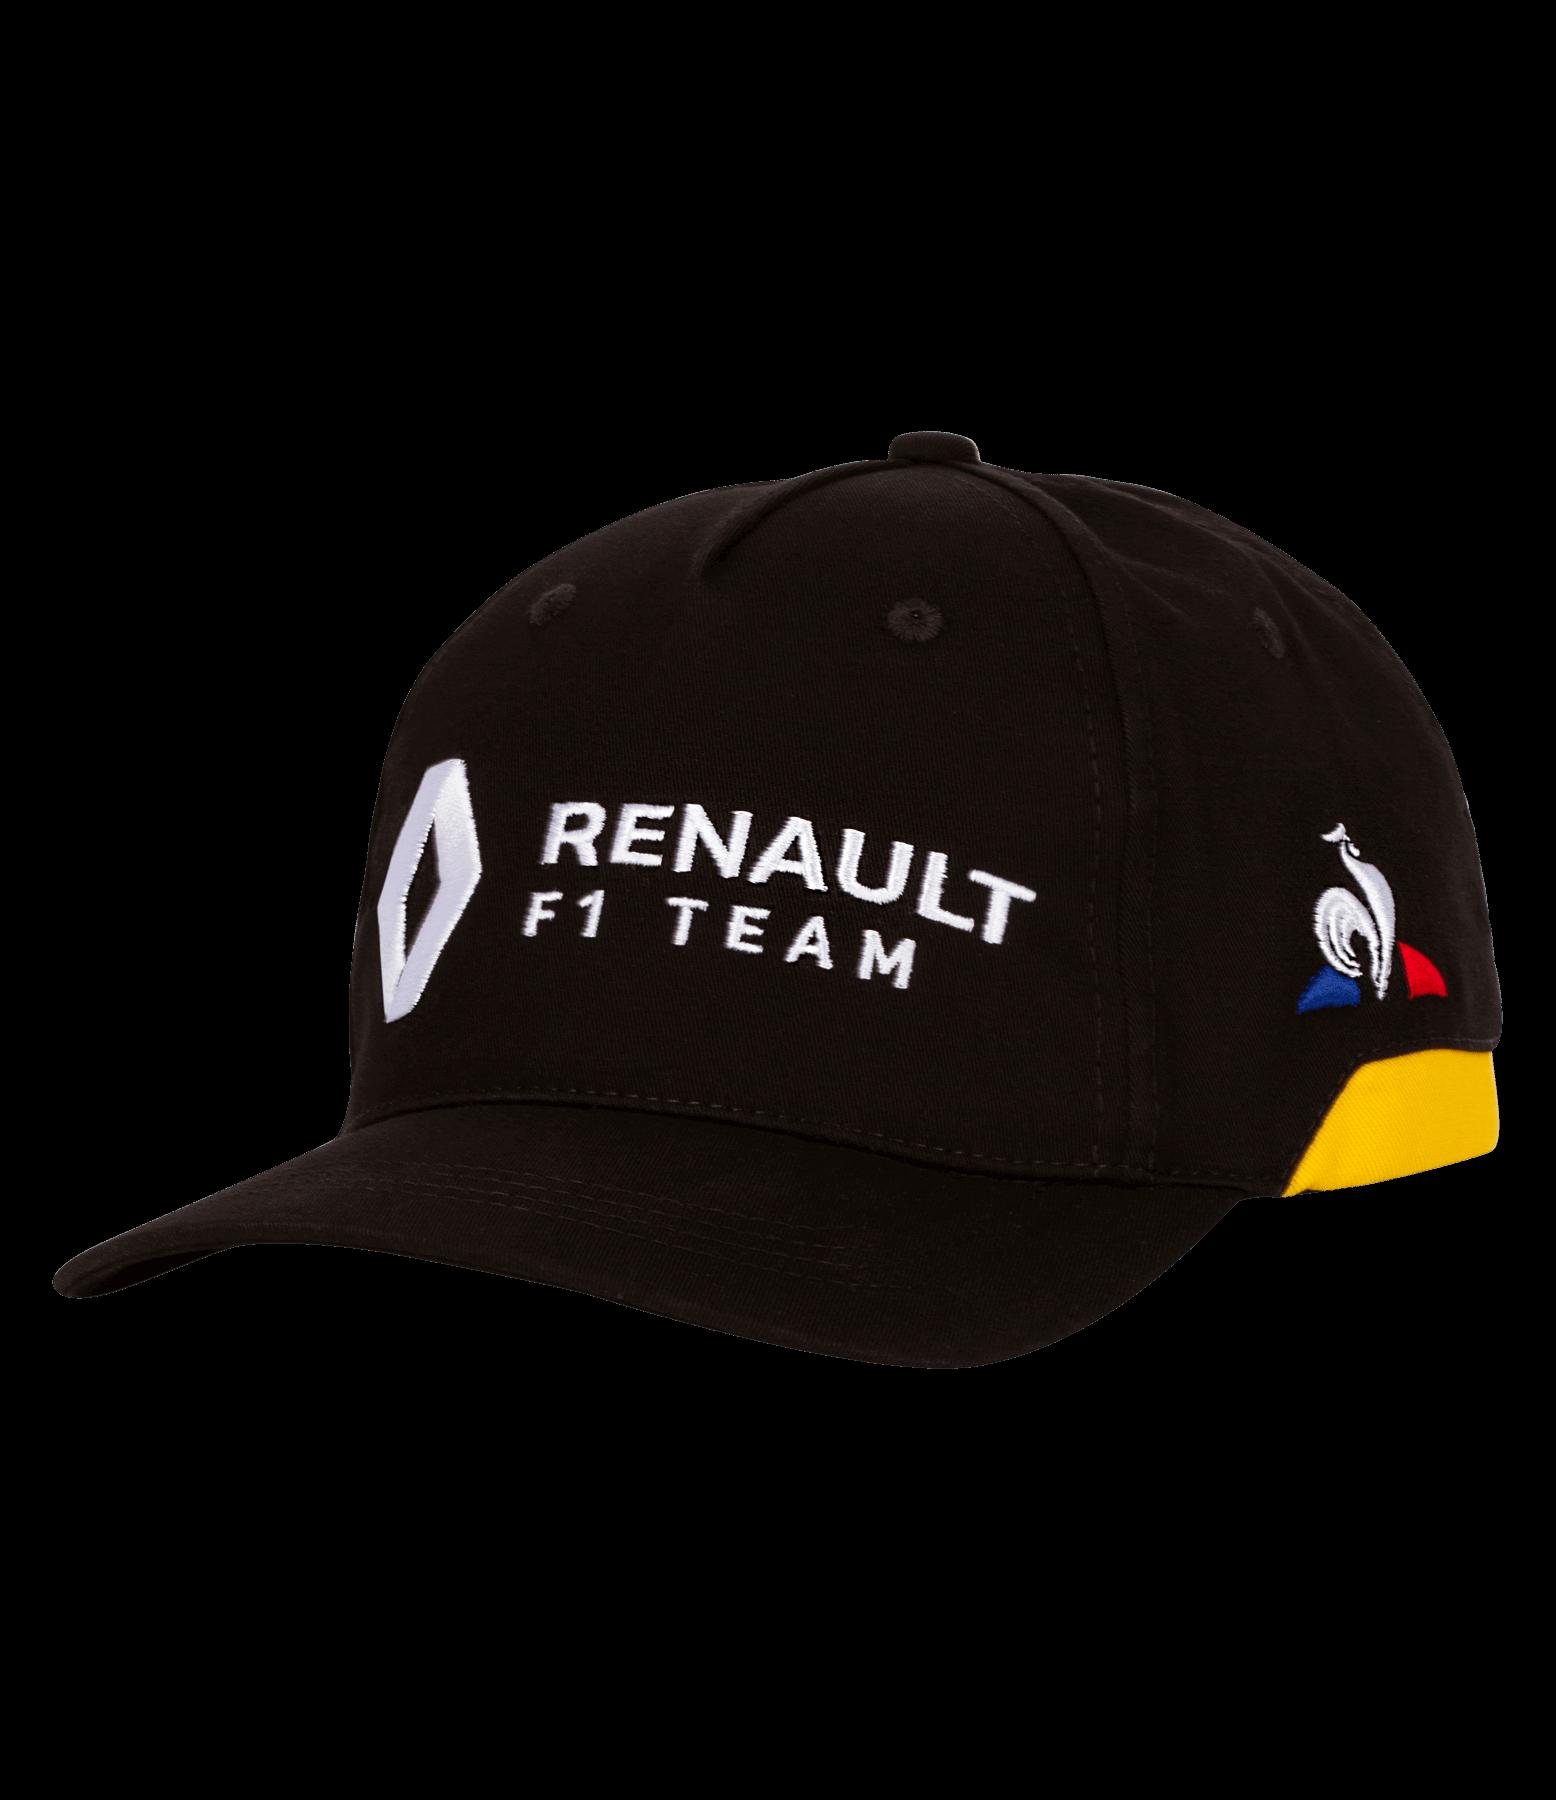 renault f1 team 2019 cap black rs f1 official website. Black Bedroom Furniture Sets. Home Design Ideas